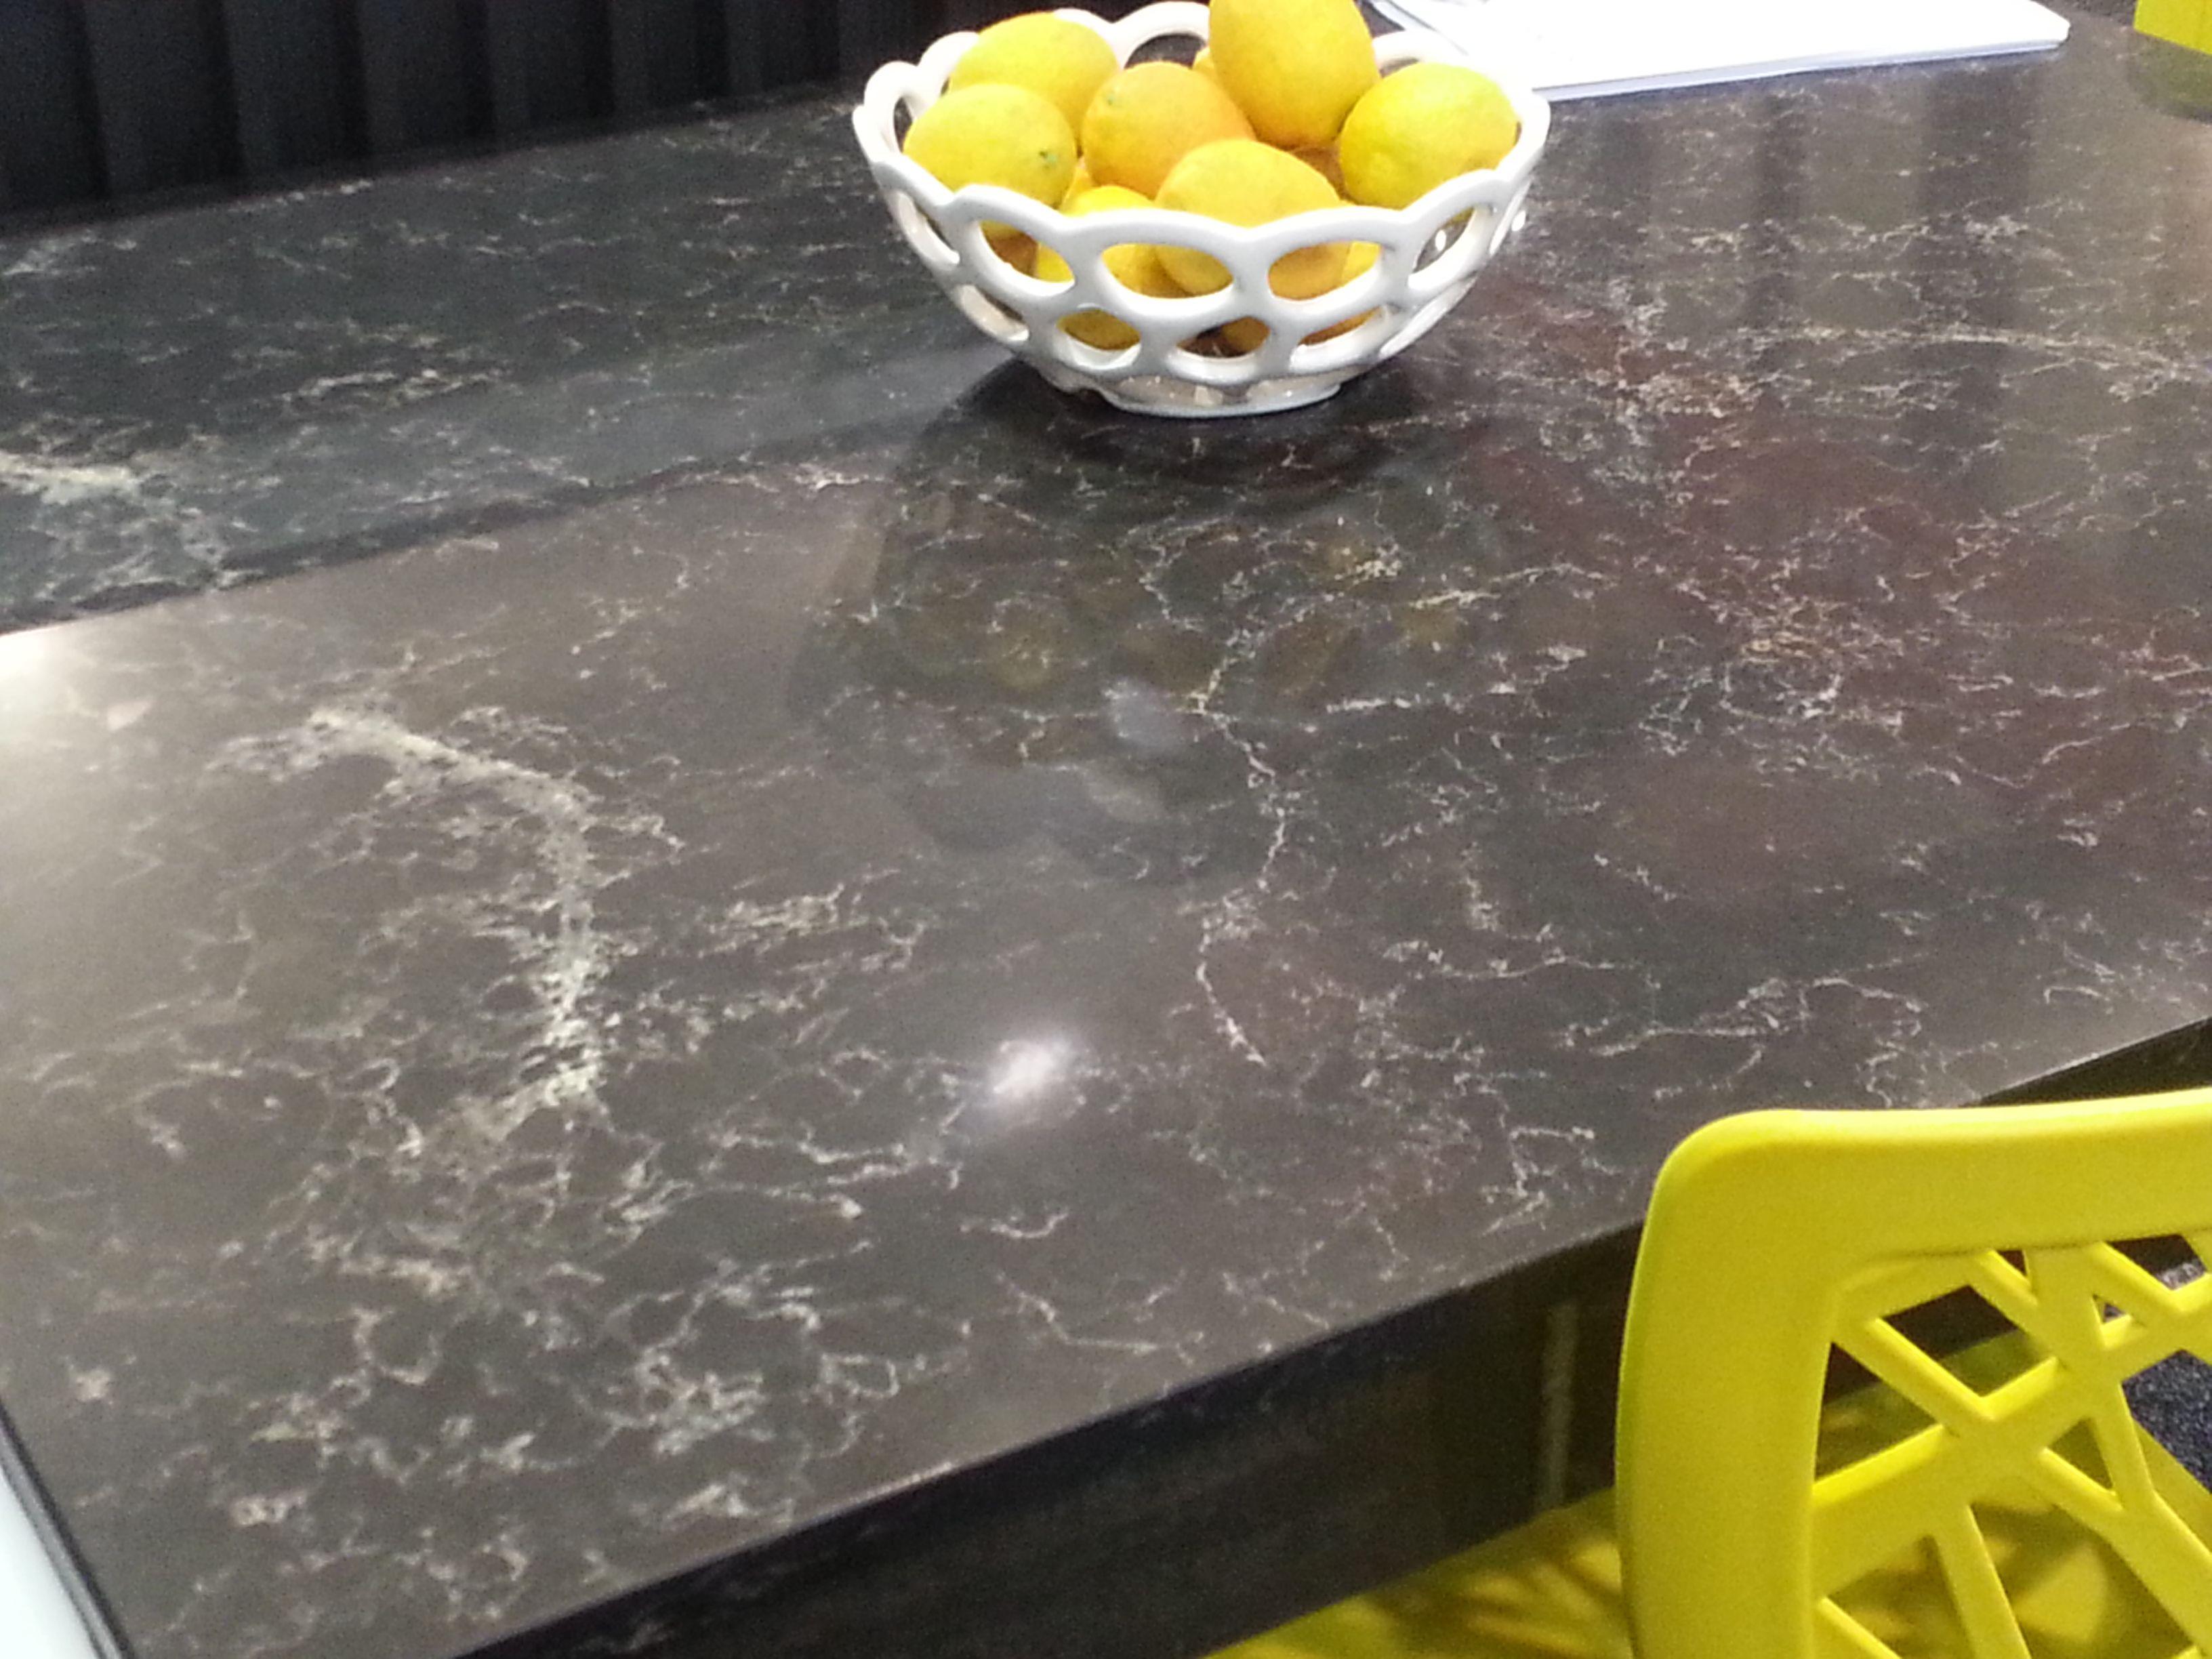 Caesarstone Vanilla Noir My Dream Kitchen Designed and manufactured ...